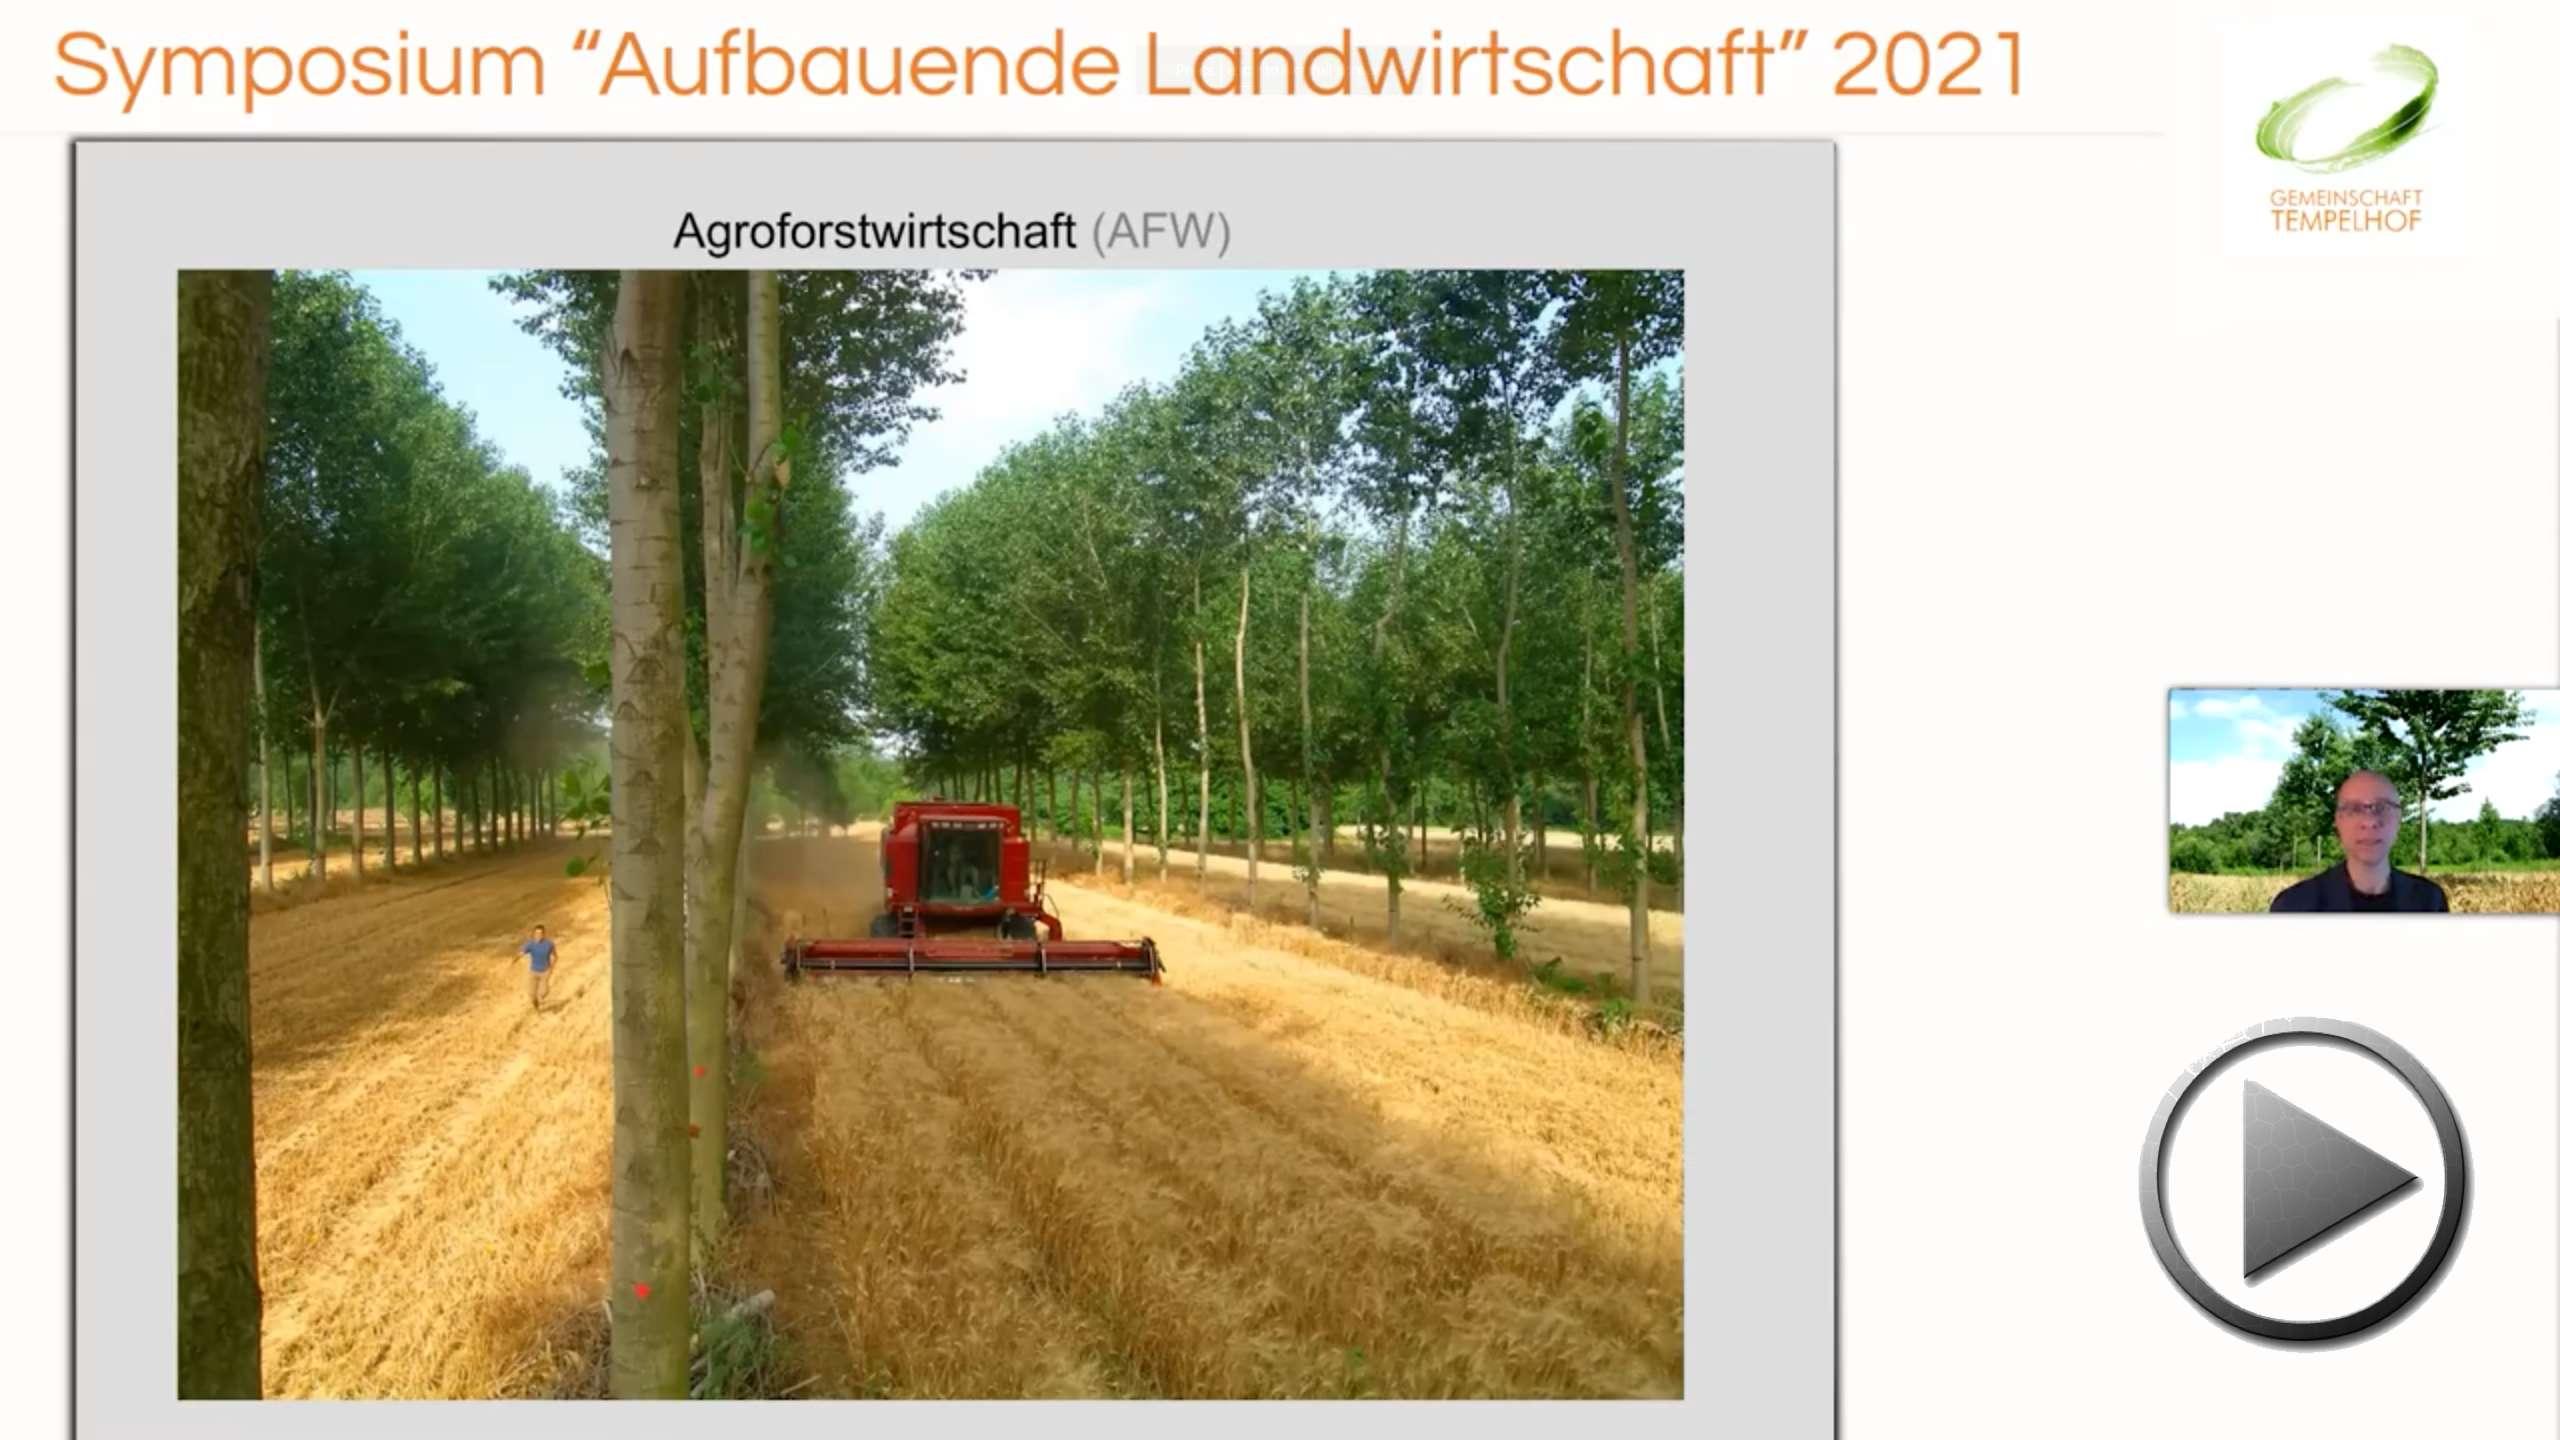 """Präsentation: Burkhard Kayser // Die Bäume wachsen! Aktuelles zur Agroforstwirtschaft // Symposium """"Aufbauende Landwirtschaft"""" 2021"""